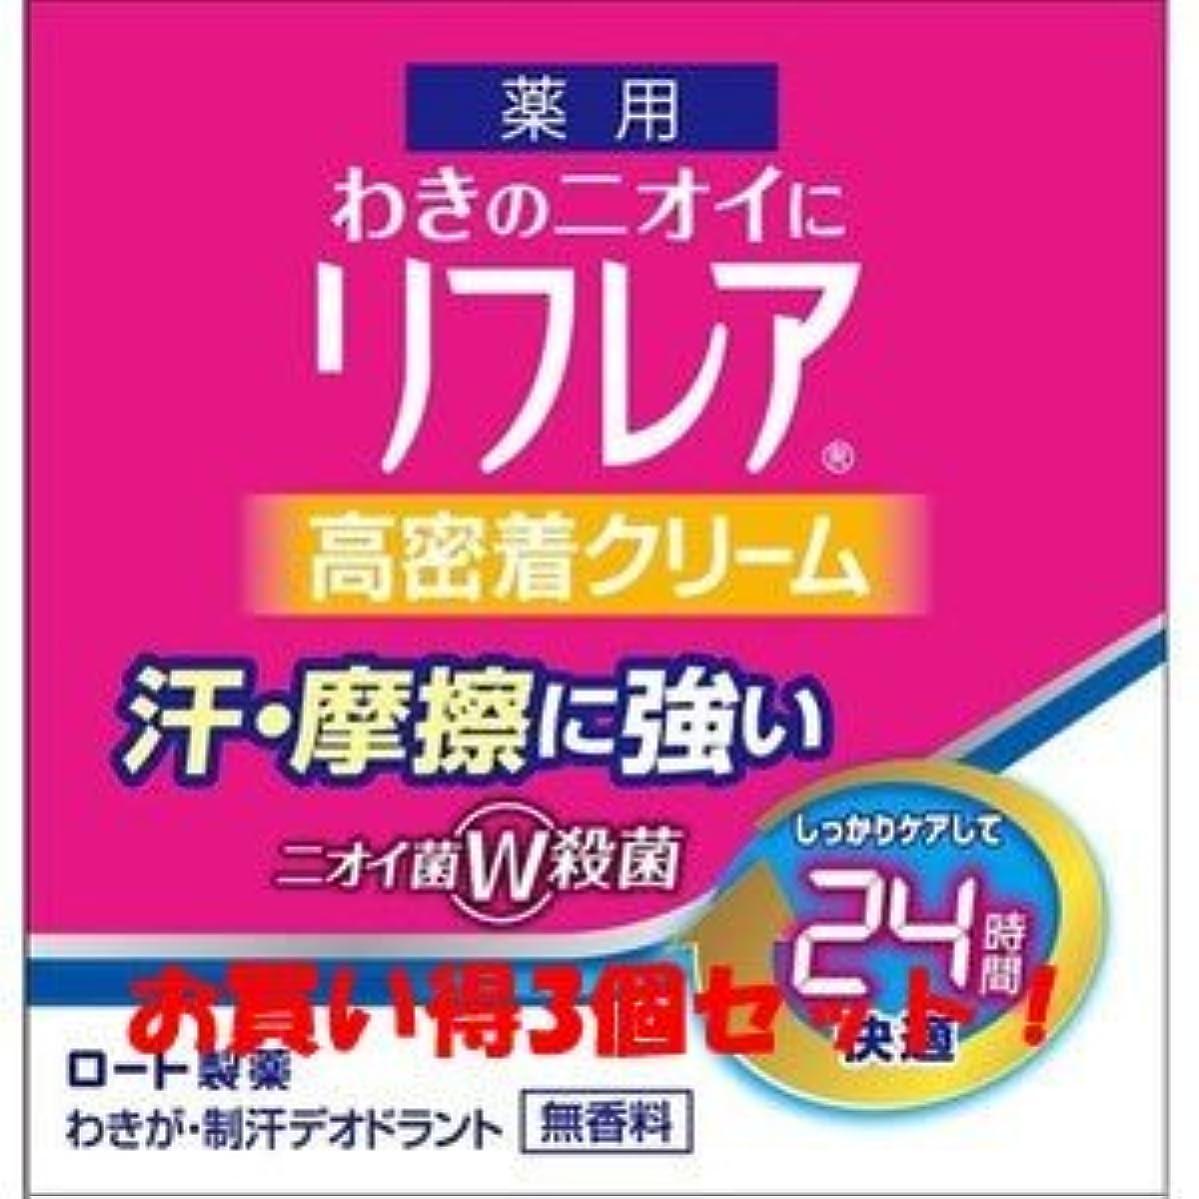 軍服液化する(ロート製薬)メンソレータム リフレア デオドラントクリーム 55g(医薬部外品)(お買い得3個セット)